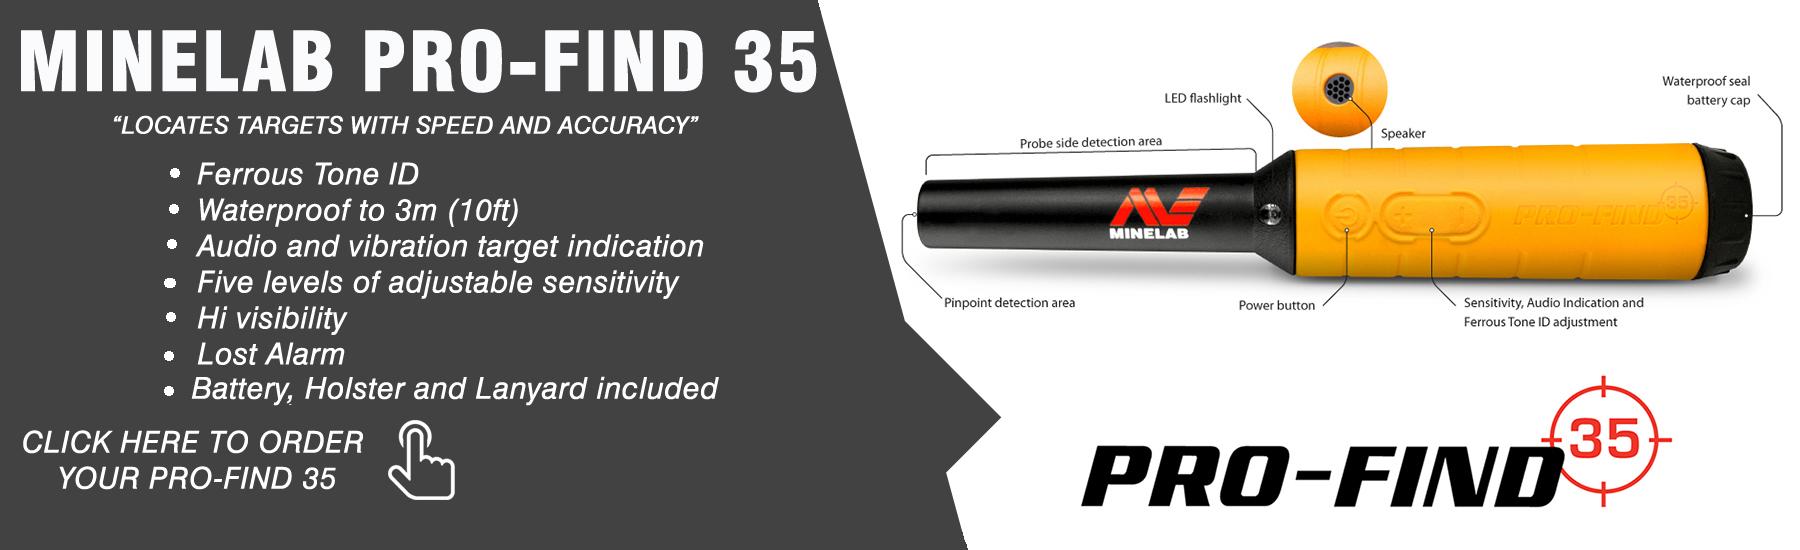 pro-find-35-v4